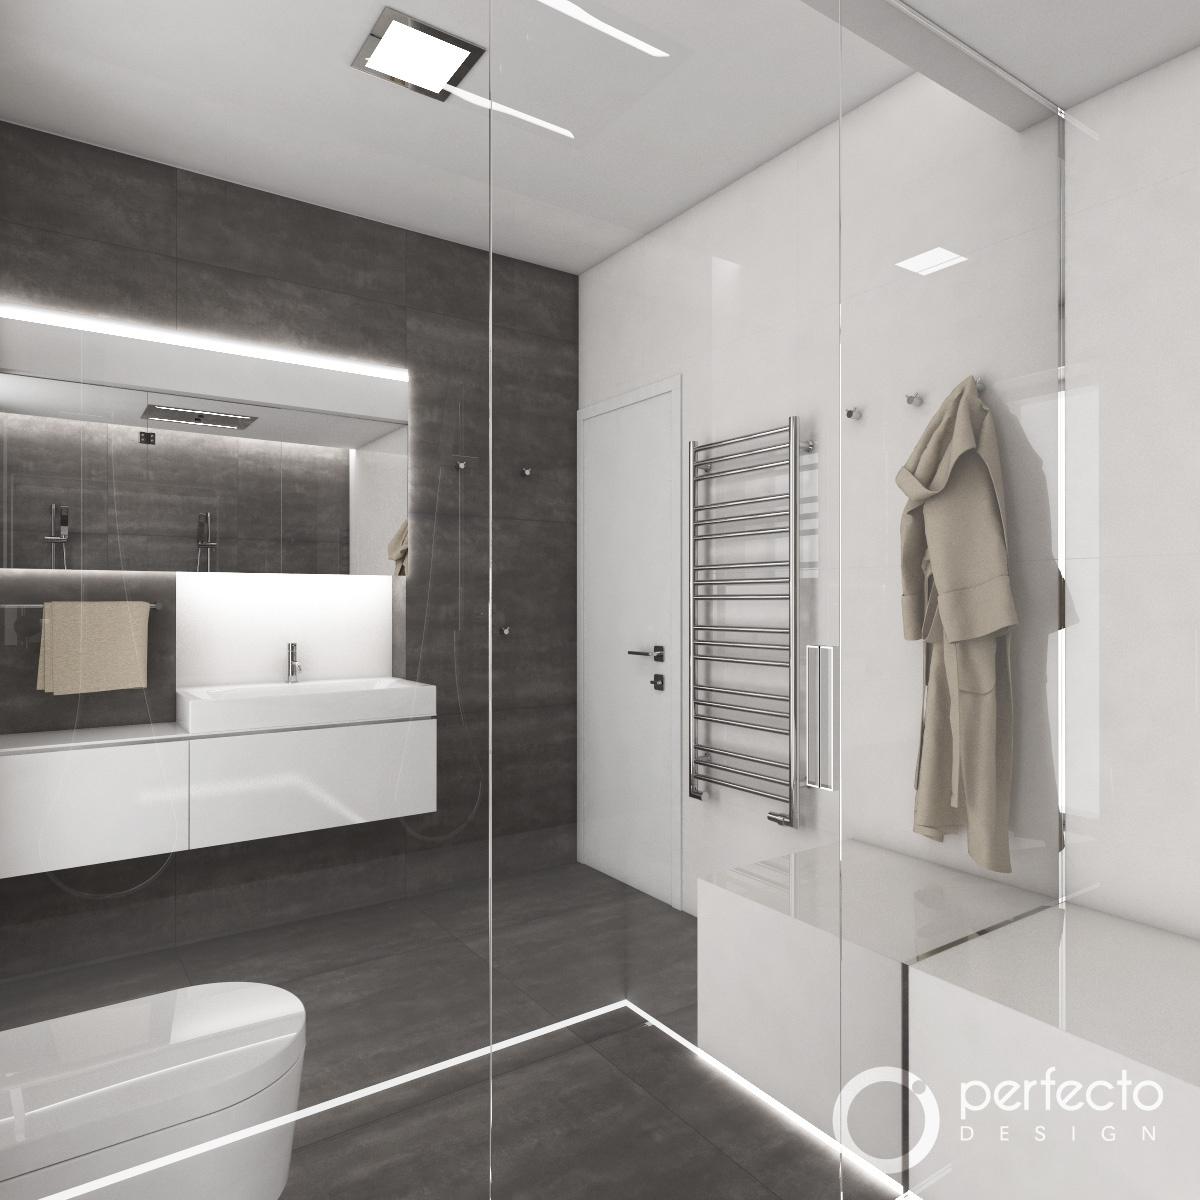 Badezimmer modernes design  Badezimmer Modernes Design ~ Alles Bild für Ihr Haus Design Ideen